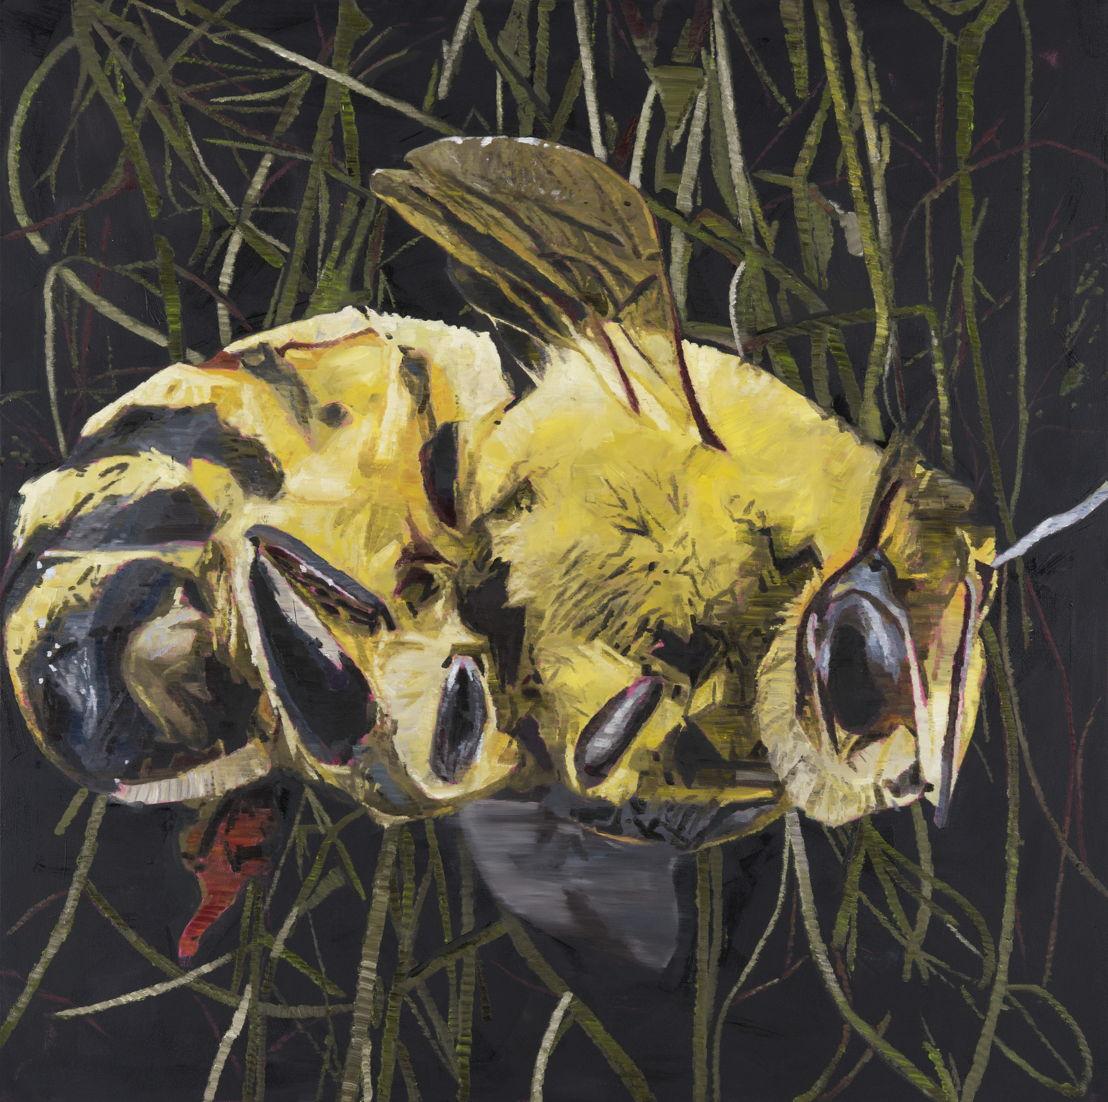 'Caught in the dark', Greg Van Staey, winnende schilderij